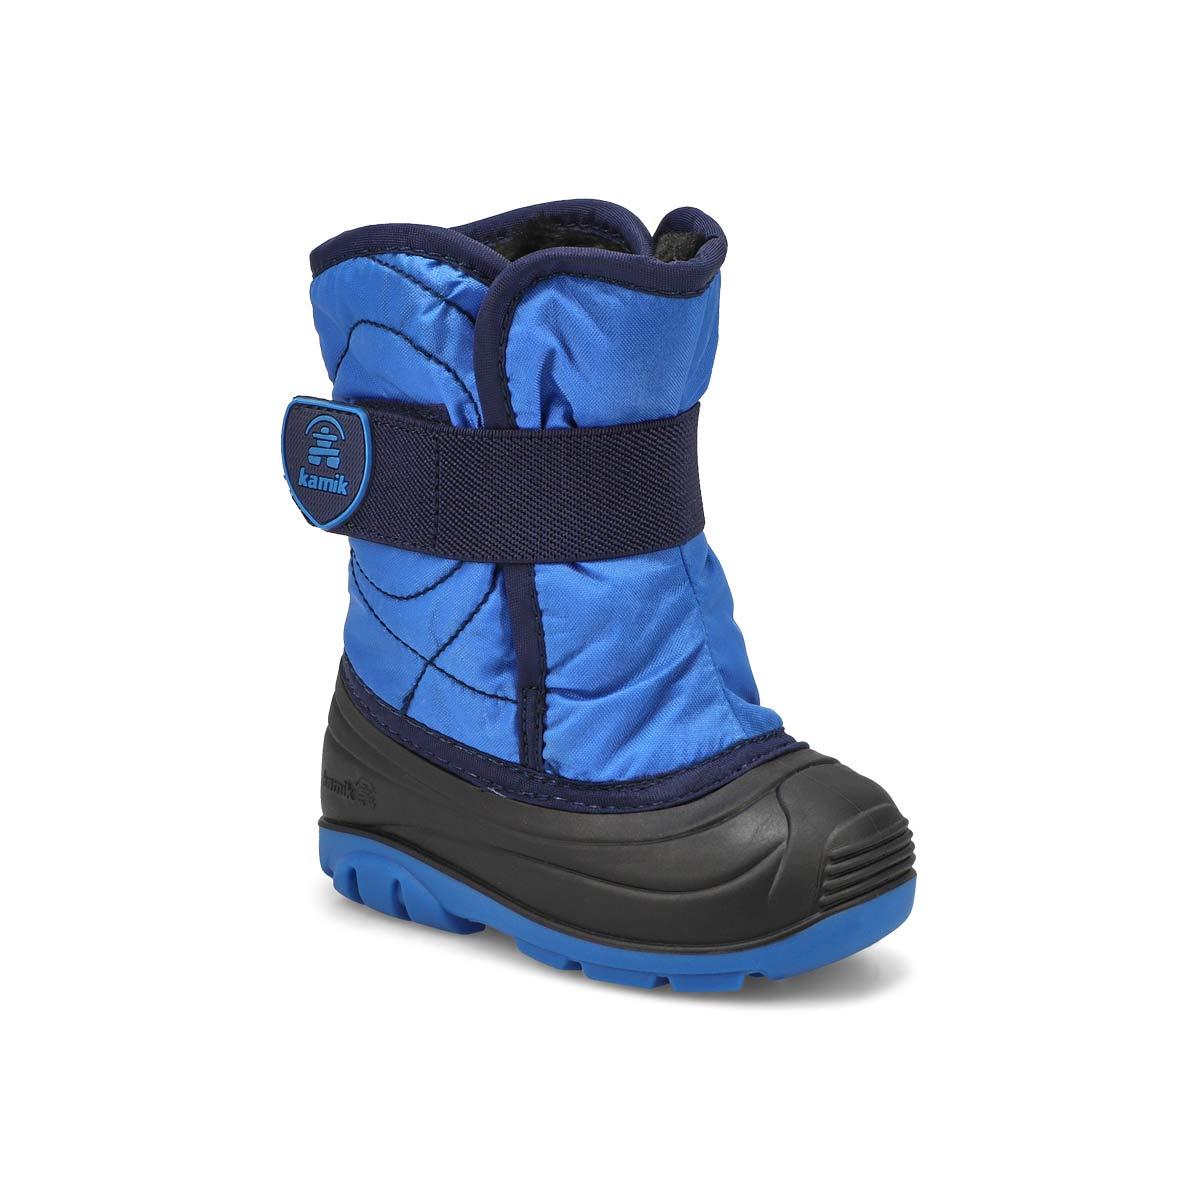 Infants' Snowbug 3 Waterproof Winter Boot - Blue